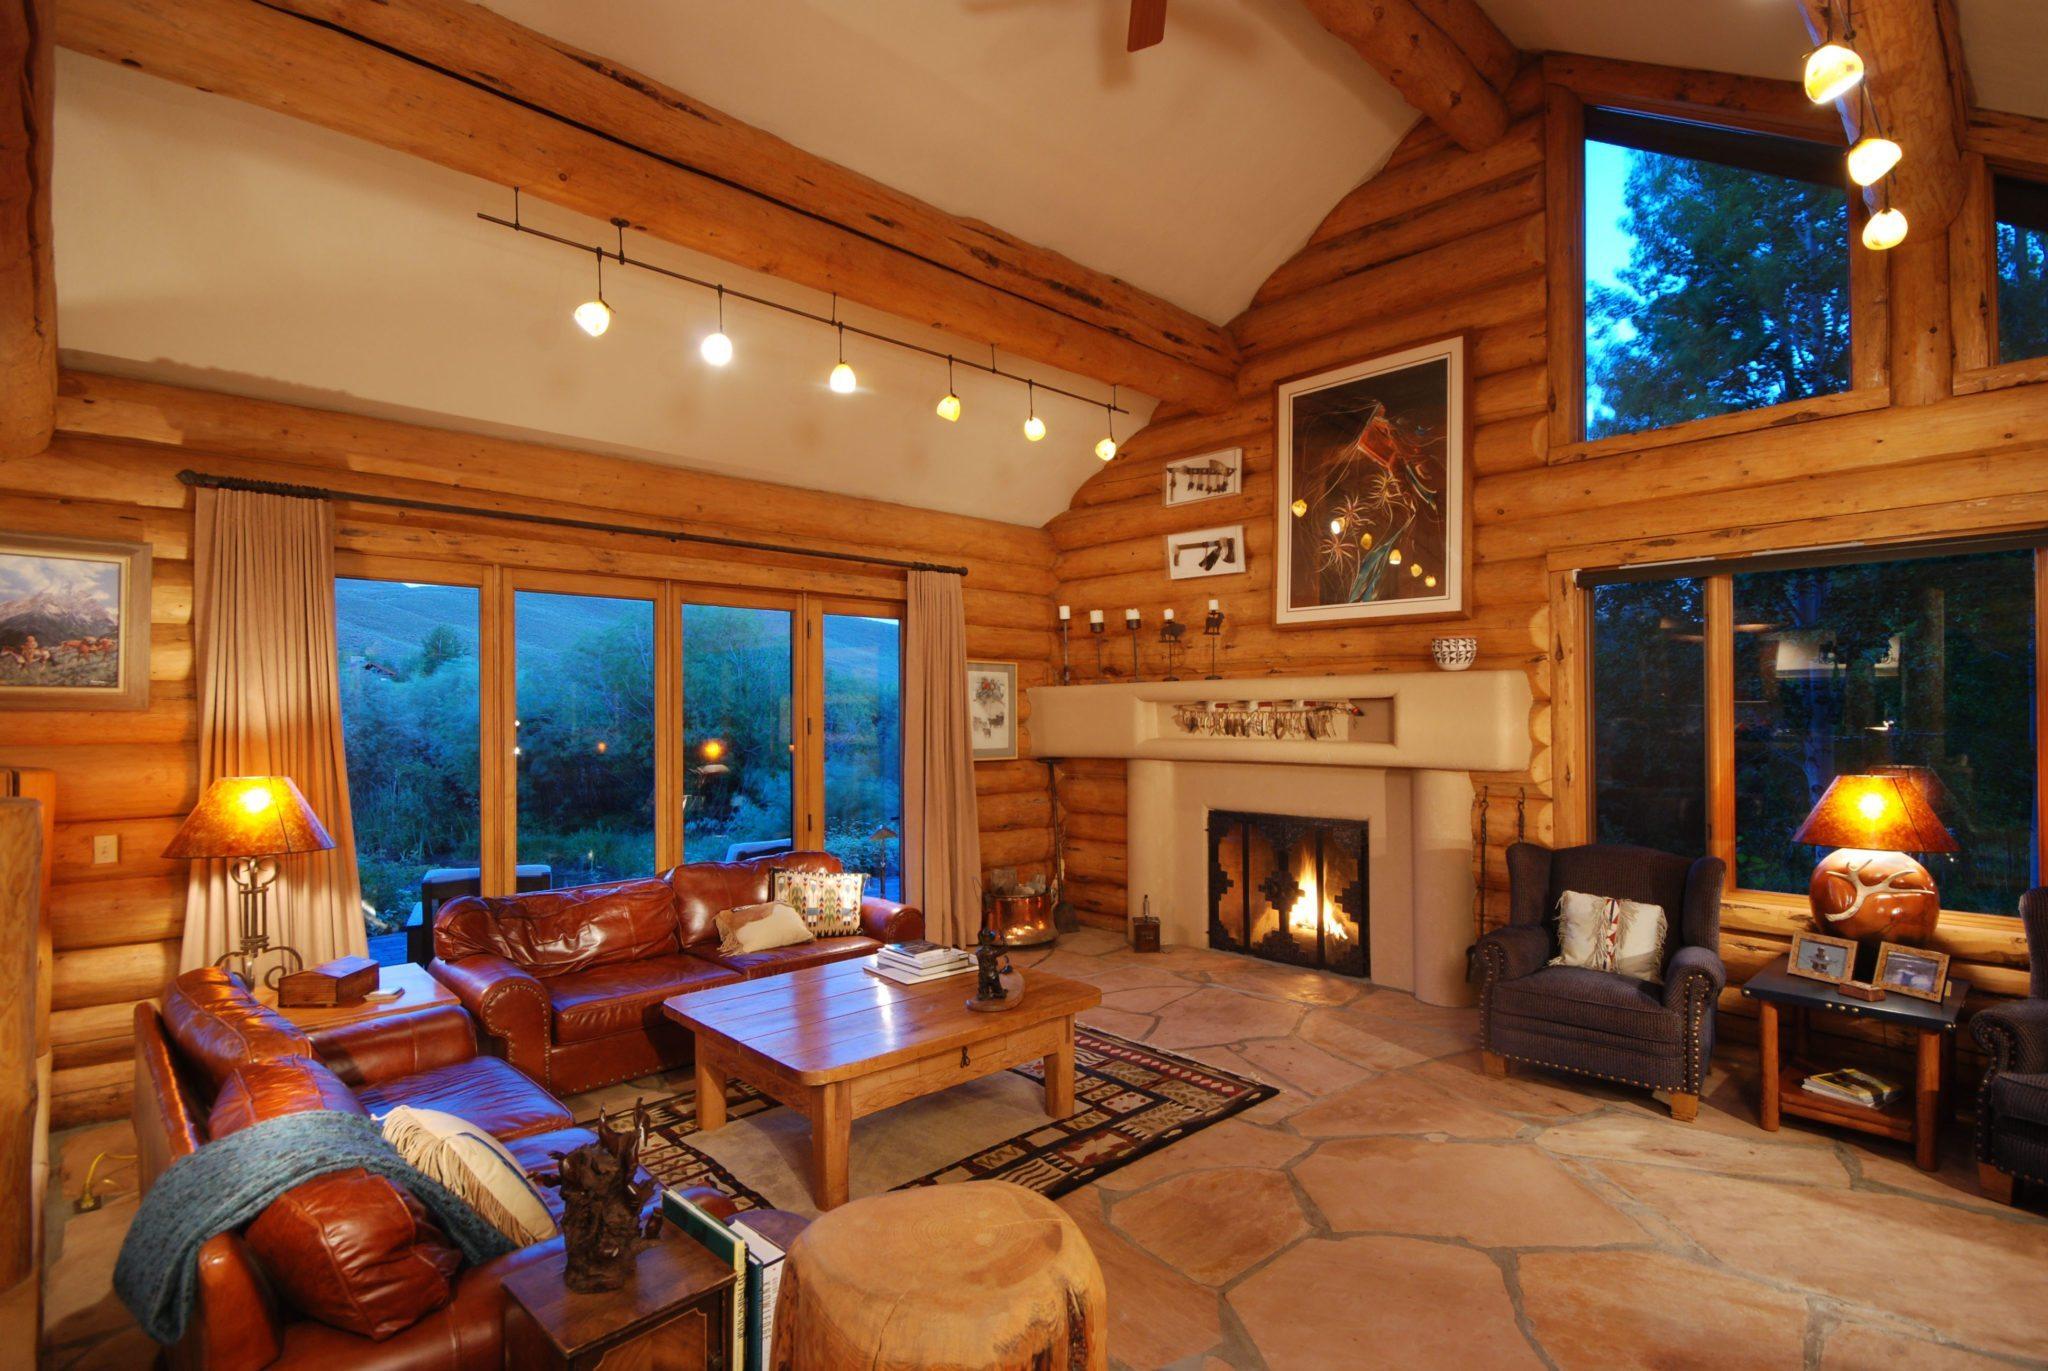 Блок-хаус в охотничьем стиле интерьера